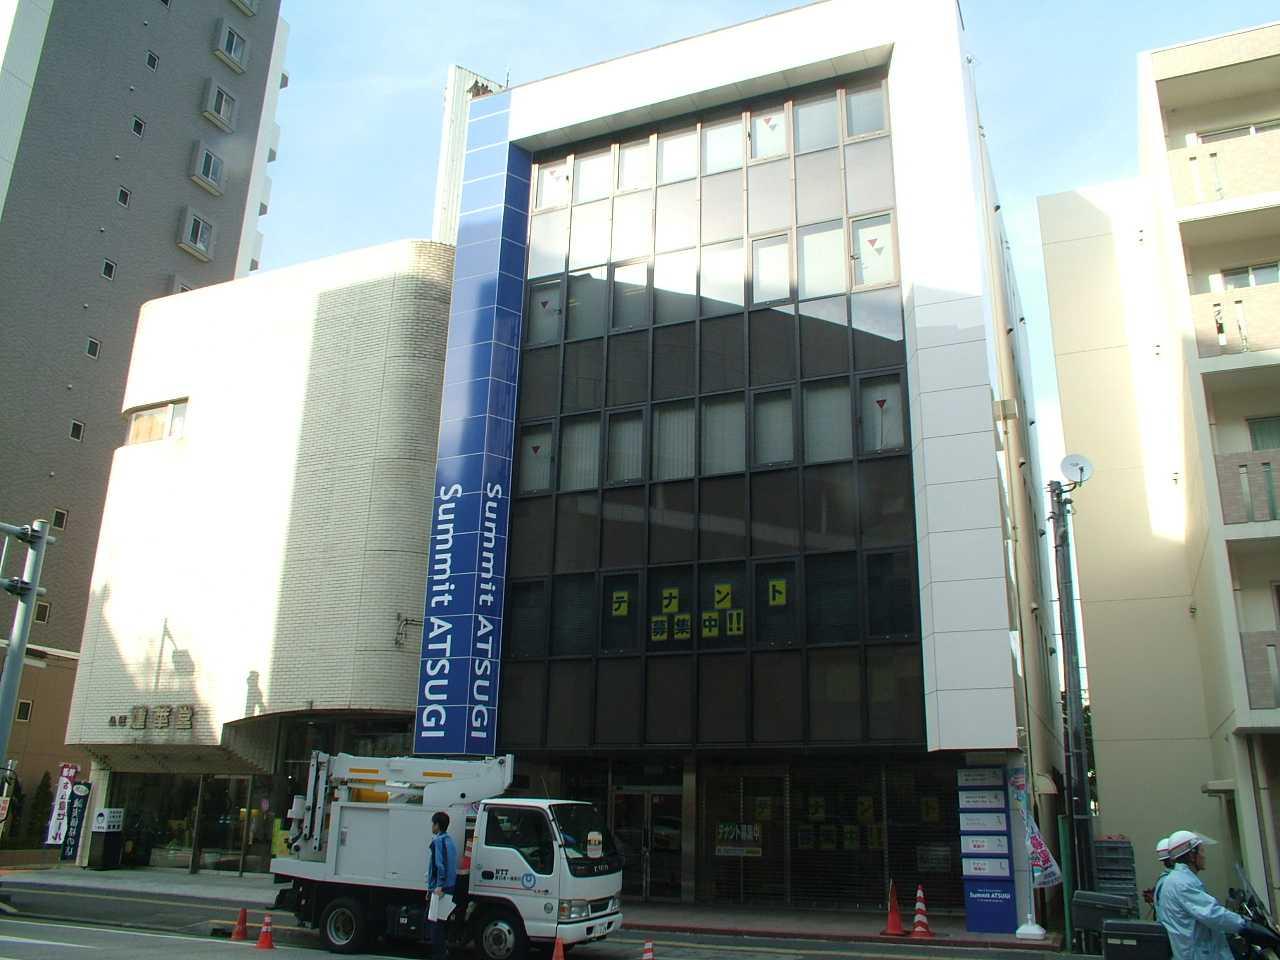 厚木・町田・小田原に展開するライトハウス税理士法人の本社屋イメージアップ戦略